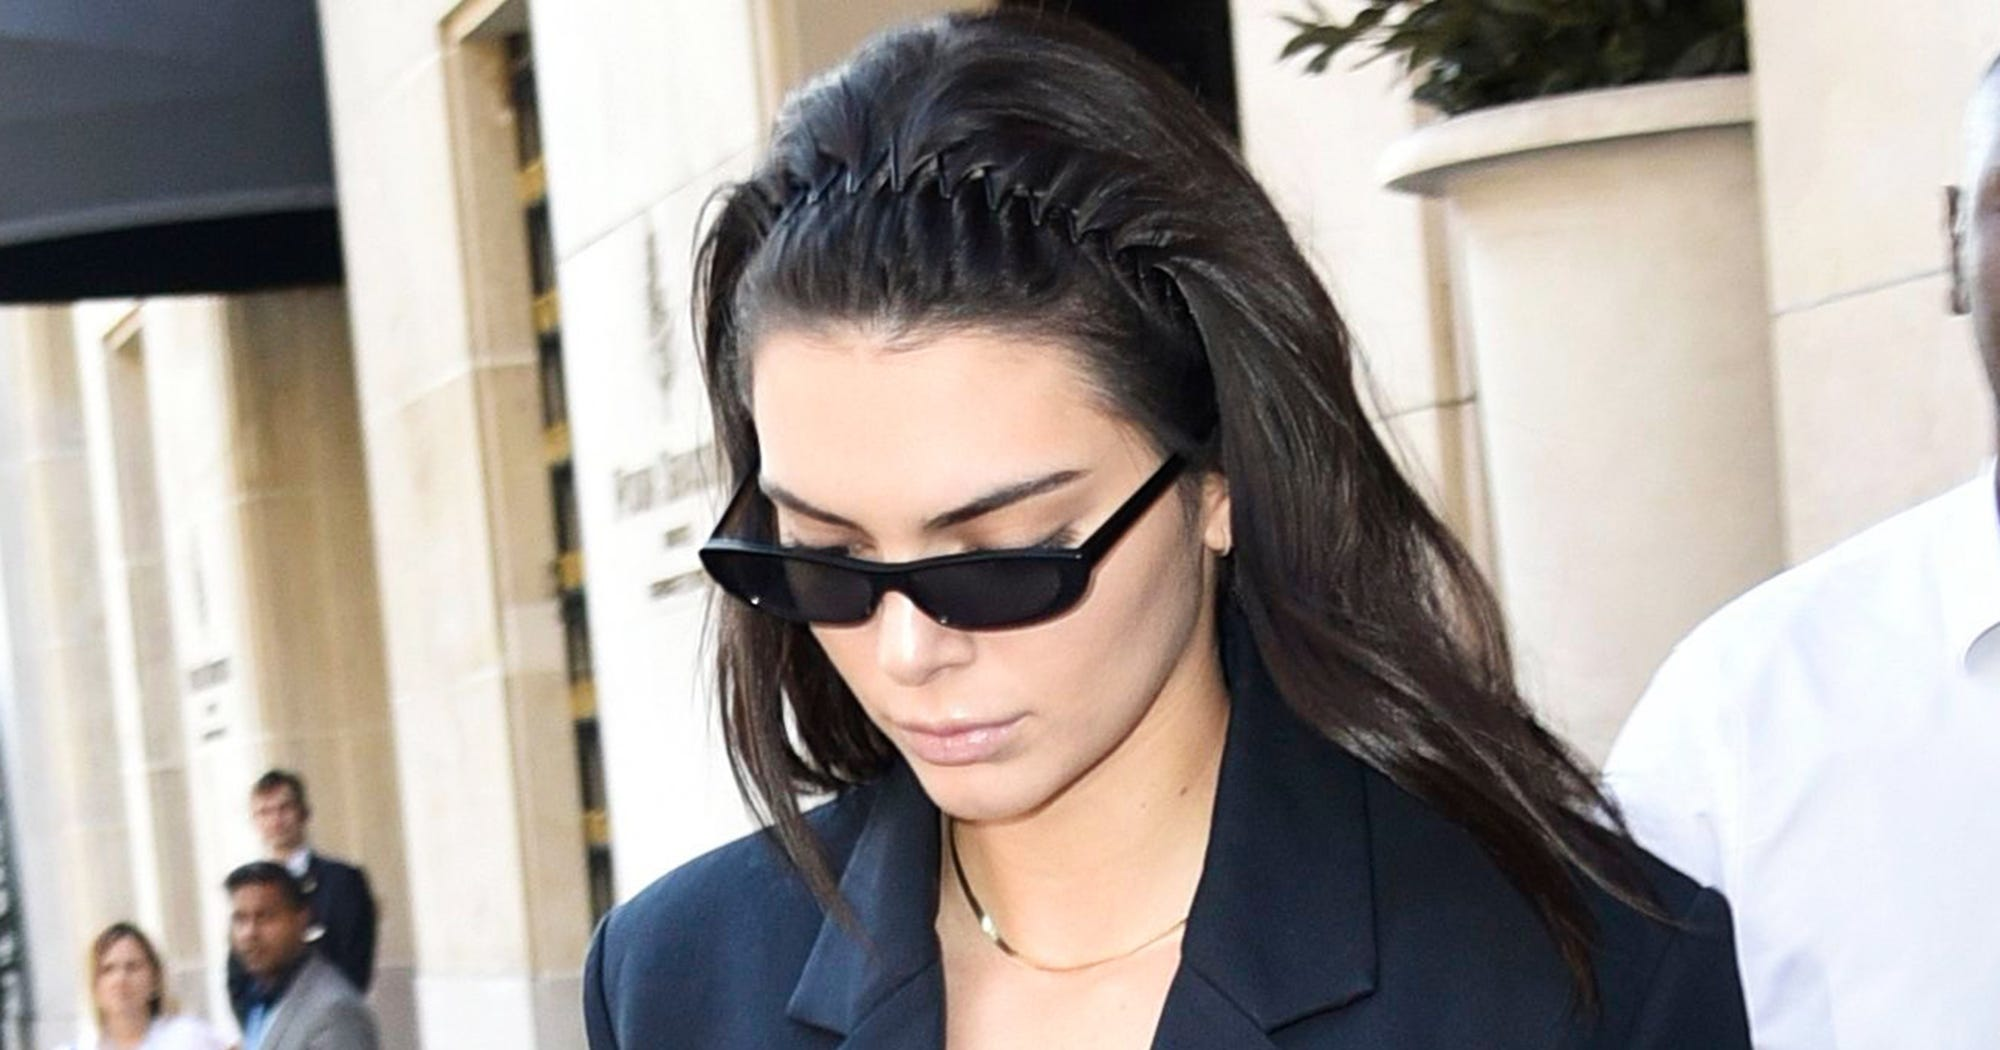 Kendall Jenner 90s Headband Is So Cheap Fall Accessory 9bc4fbca6a8